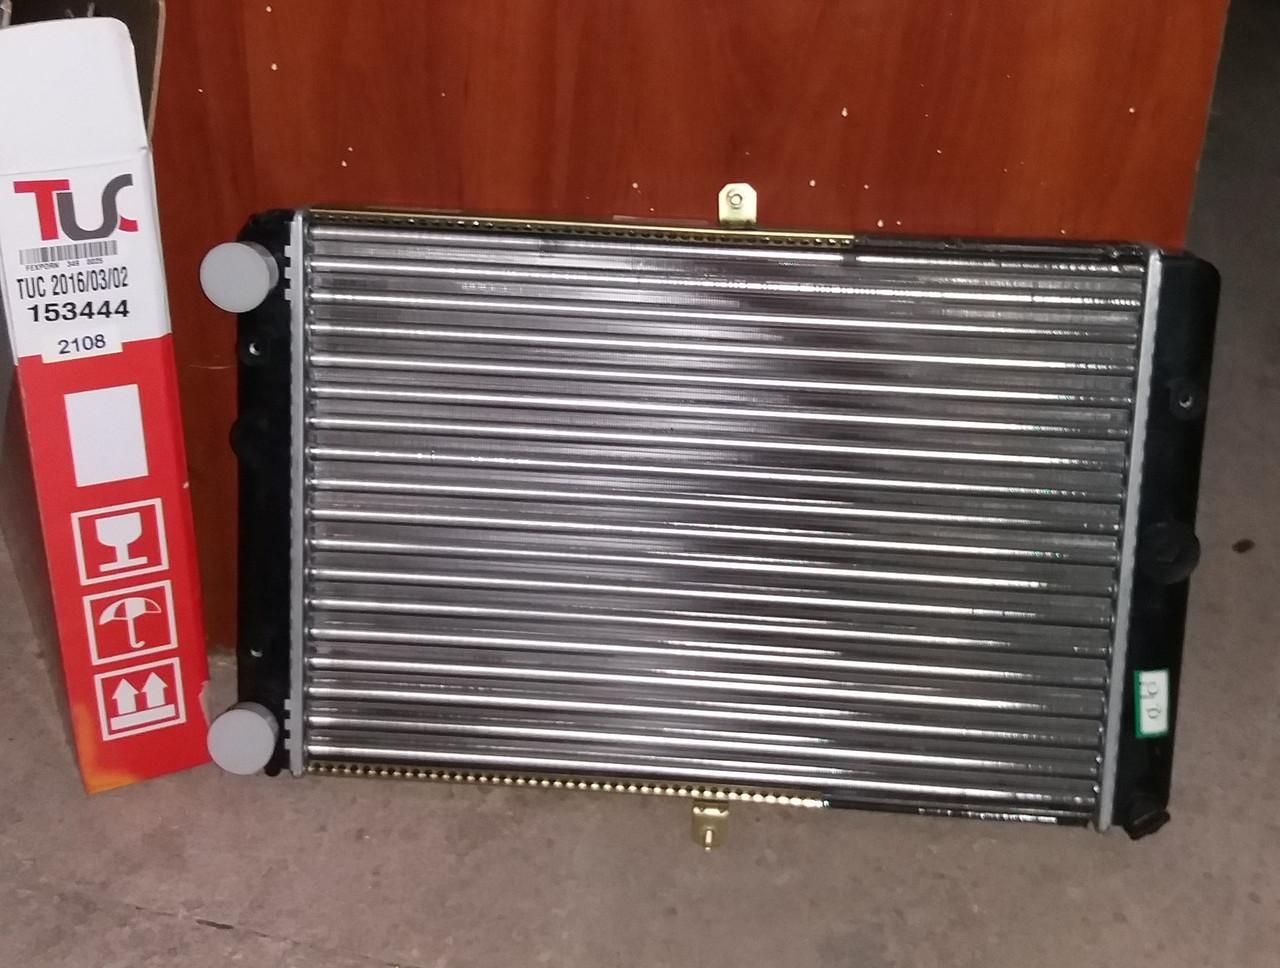 Радіатор ВАЗ 2108 алюмінієвий AL/PT пр-во Іран Радіатор